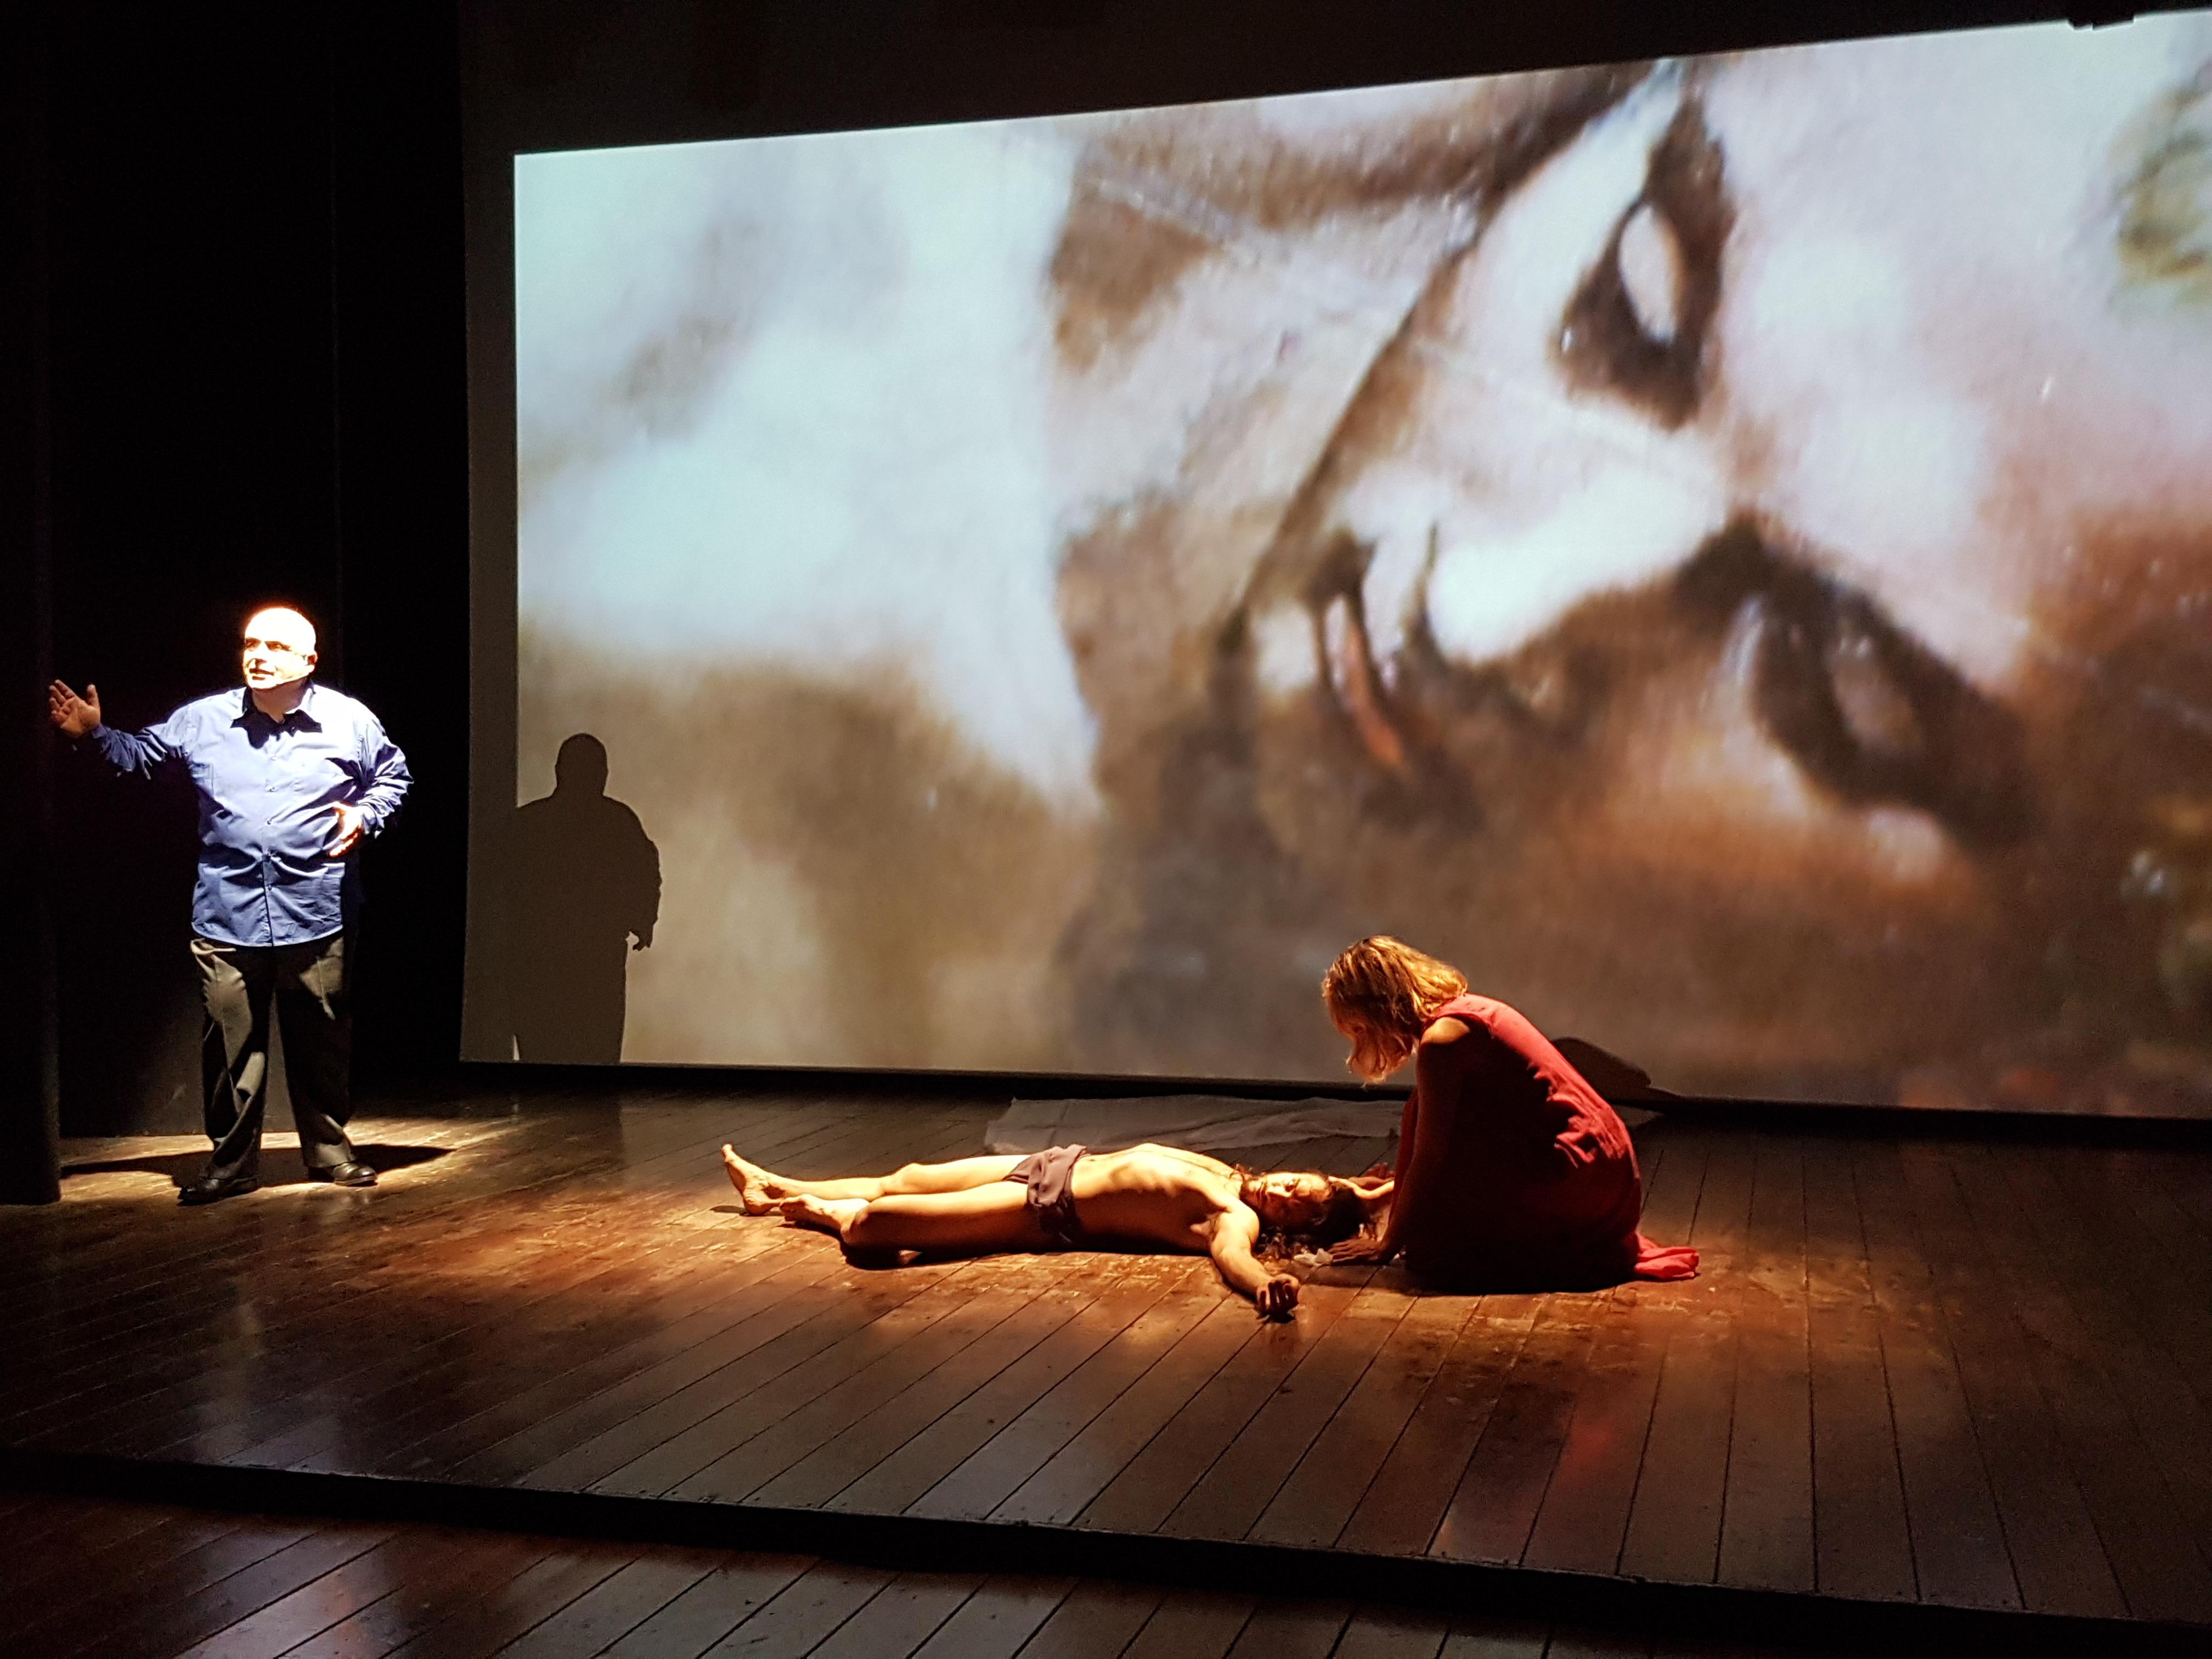 Pasquale Lanzillotti racconta il Giudizio universale di Michelangelo nel suo La fine del mondo, andato in scena al Nest di Napoli il 17 maggio 2017 (ph. In24/P. Nigro).